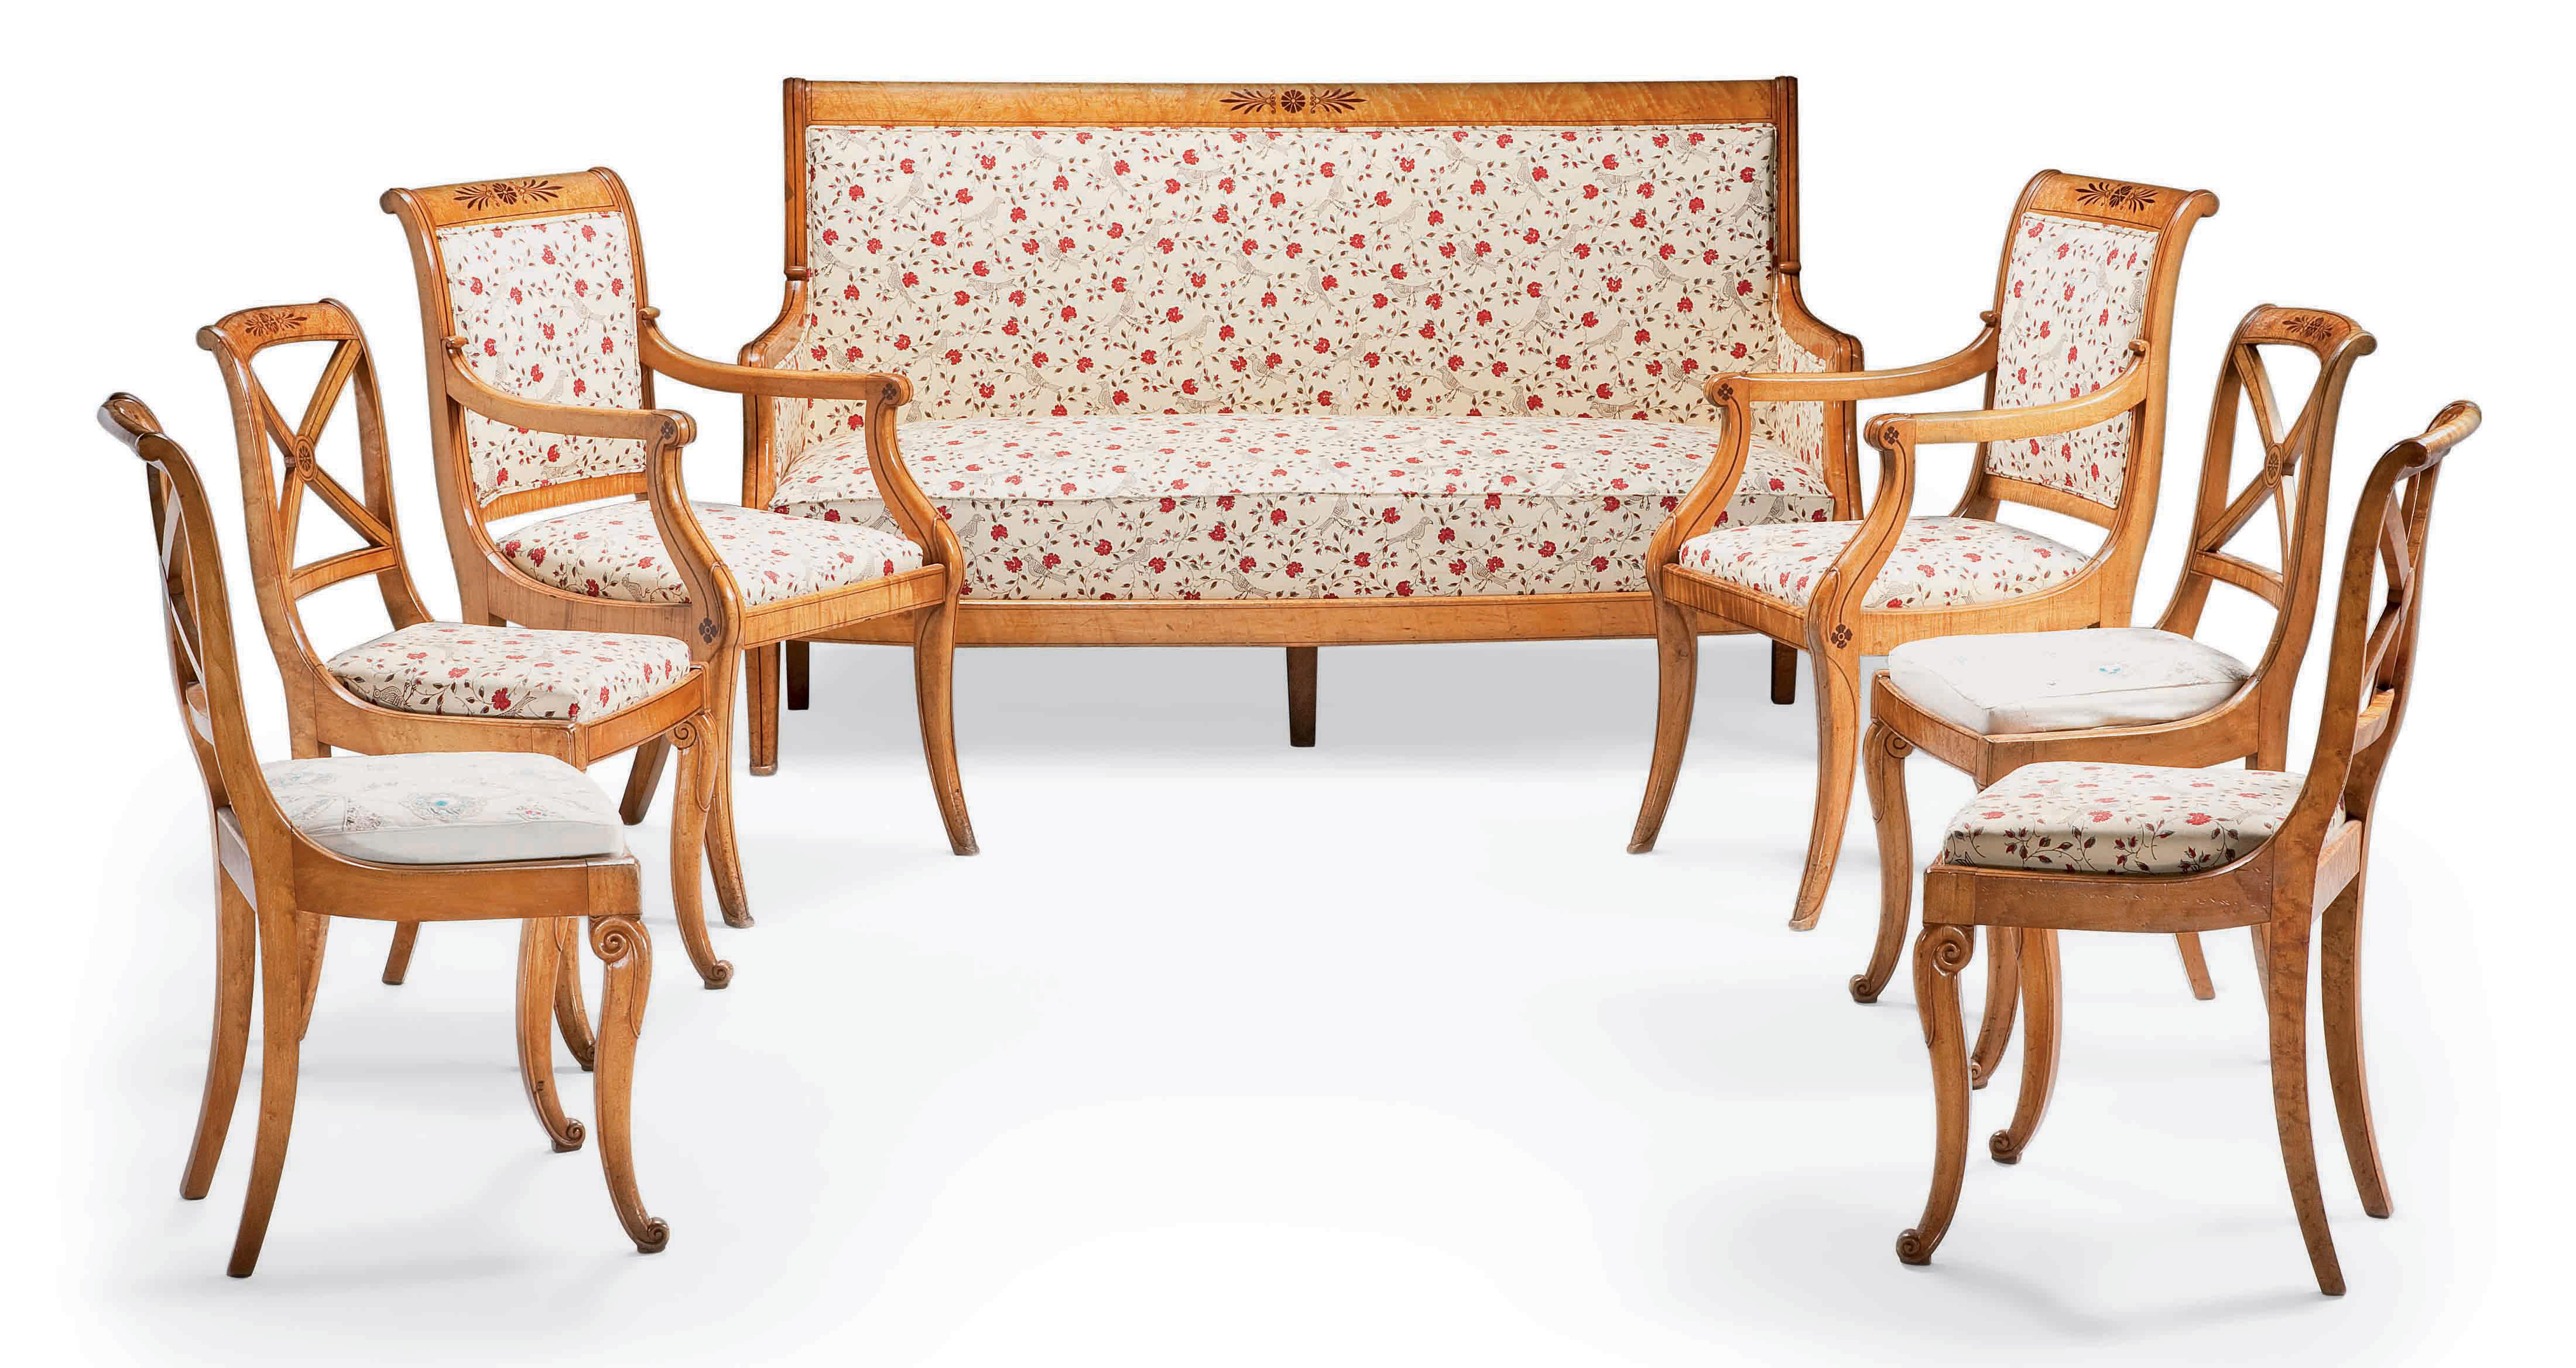 Mobilier de salon d 39 epoque charles x vers 1820 christie 39 s for Mobilier de salon